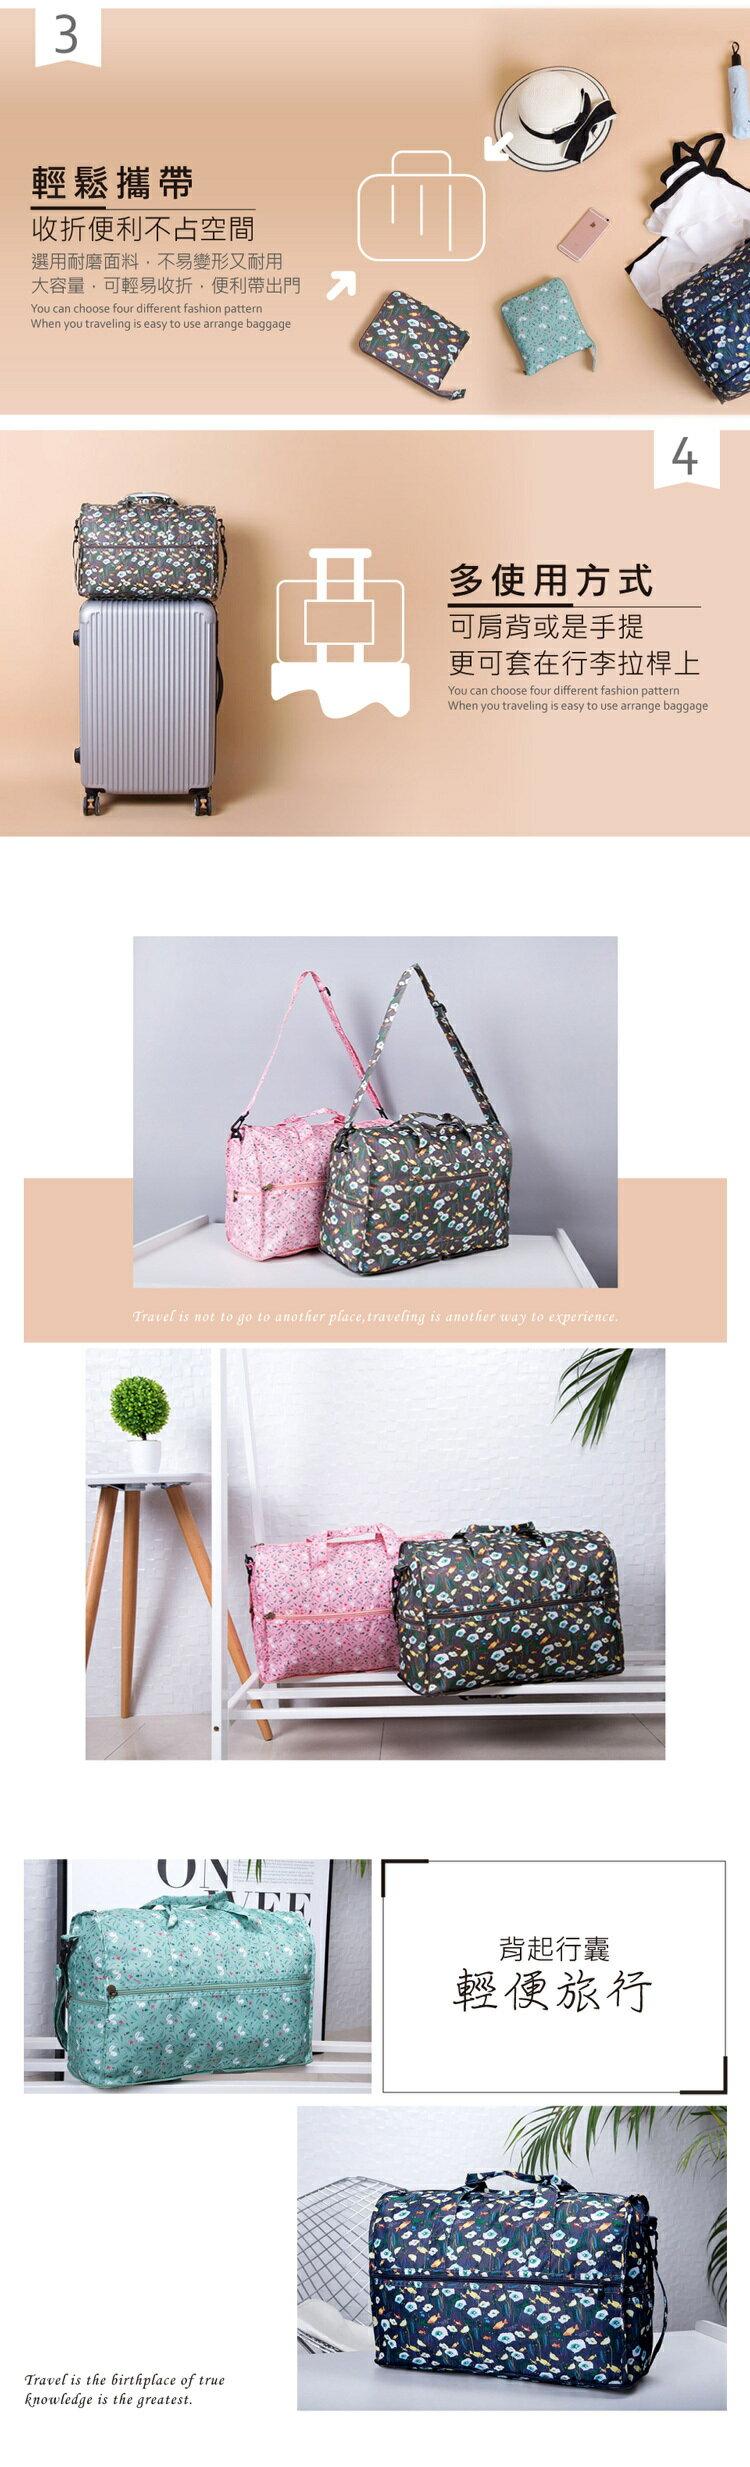 大容量收納款防潑水行李袋-顏色隨機出貨(22X17X5cm) [大買家] 2